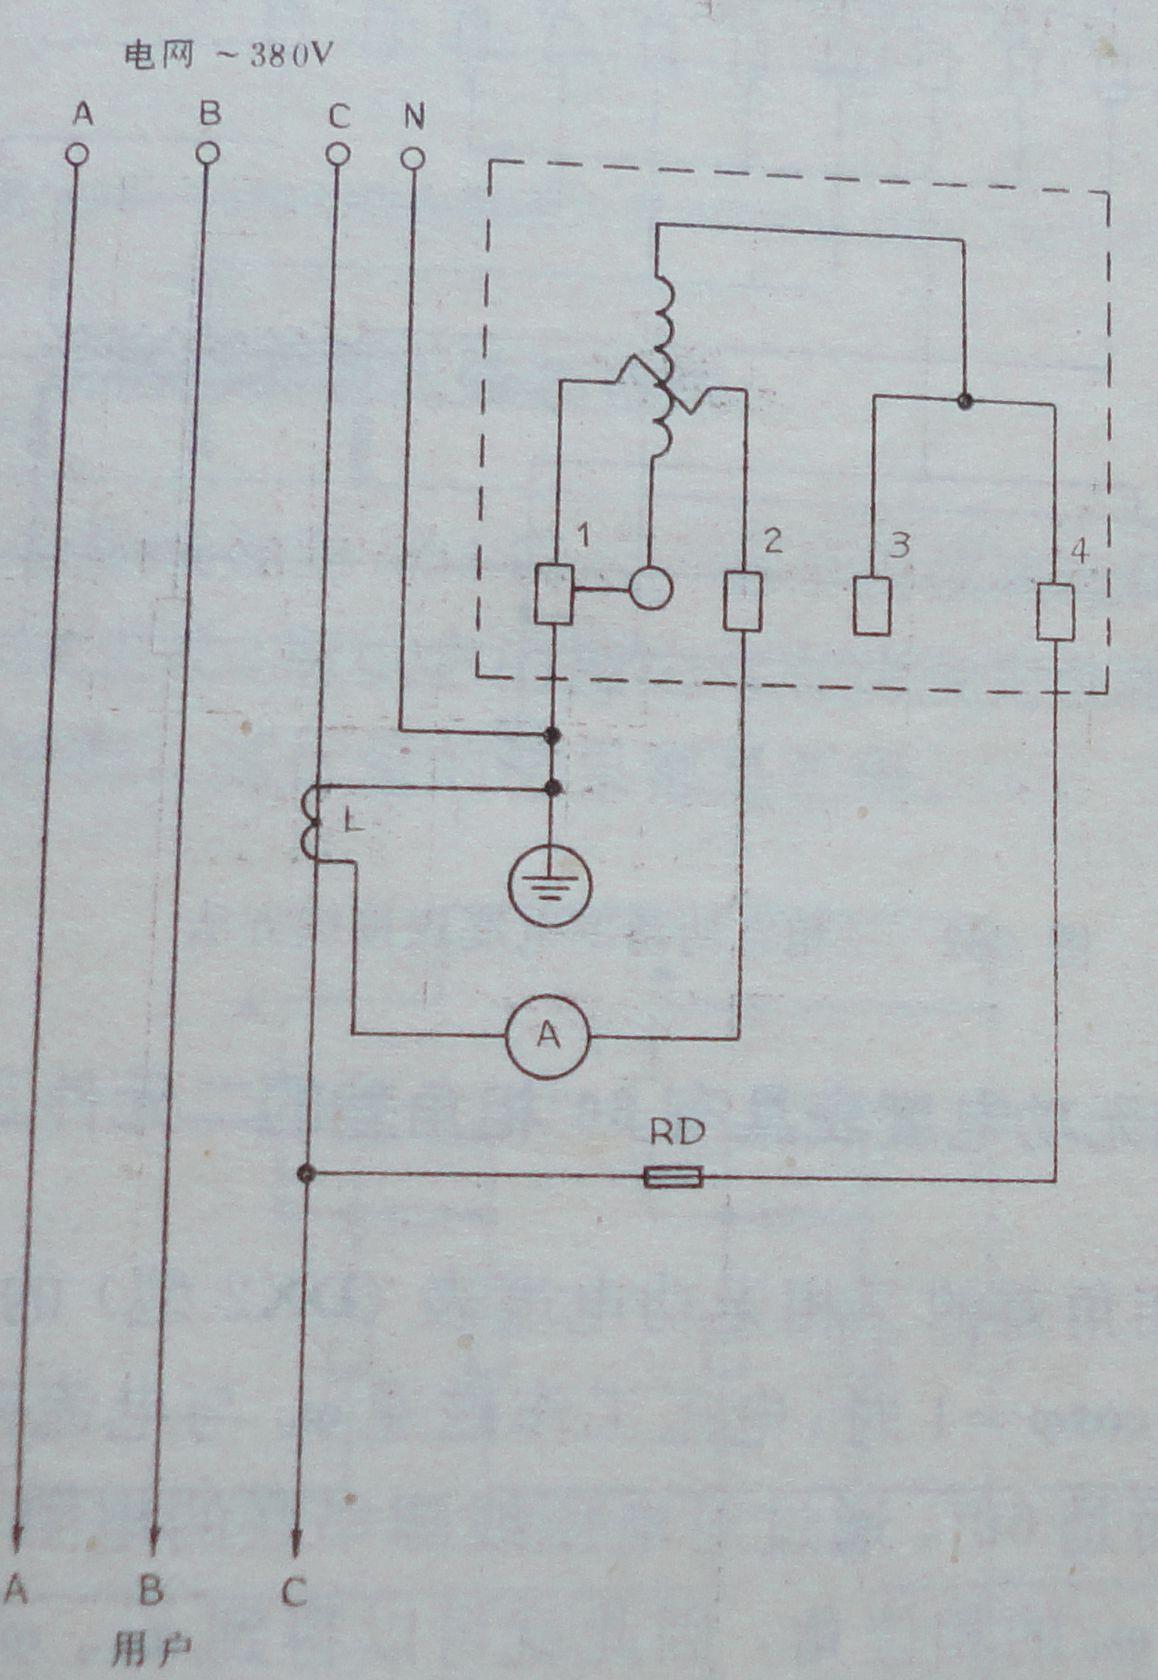 两个电流互感器和三个电流表的接线方式